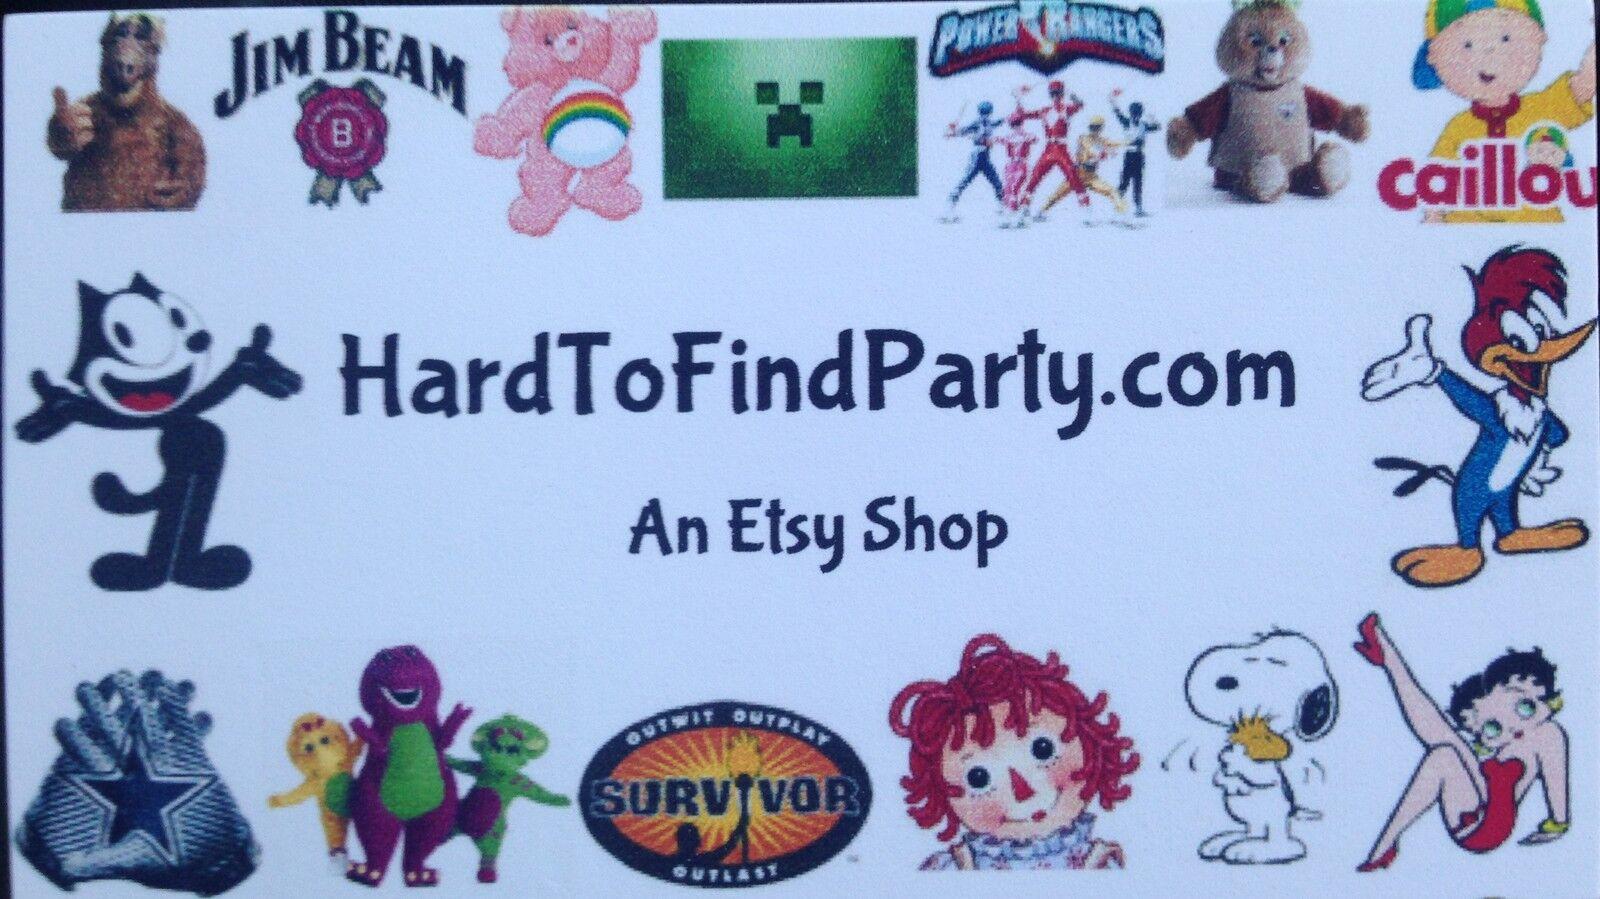 HardToFindParty